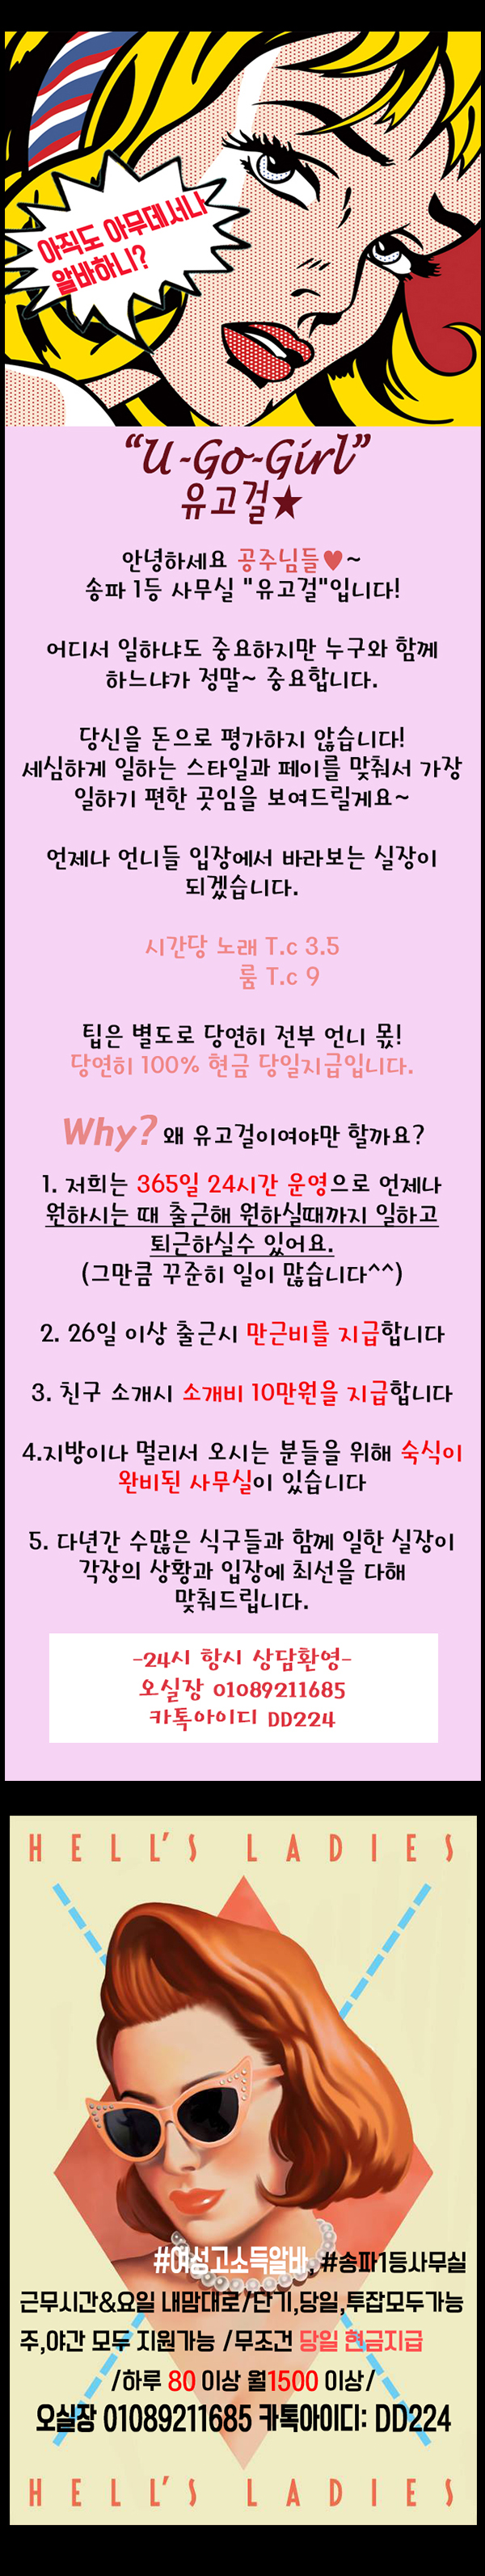 유흥알바 - 송파 유고걸